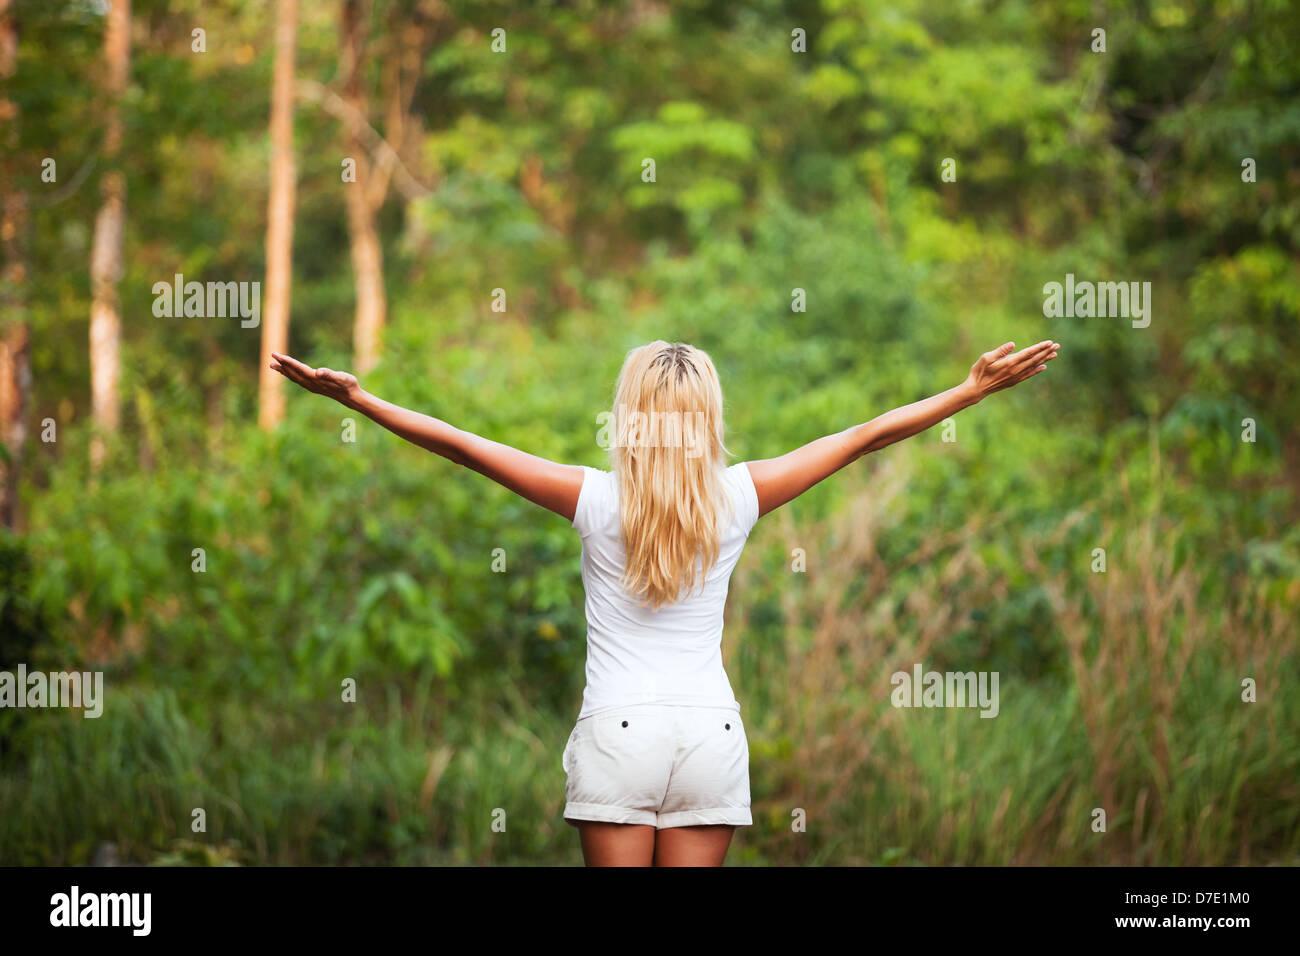 Harmonie avec la nature, retour femme avec les mains posées dans la forêt Photo Stock